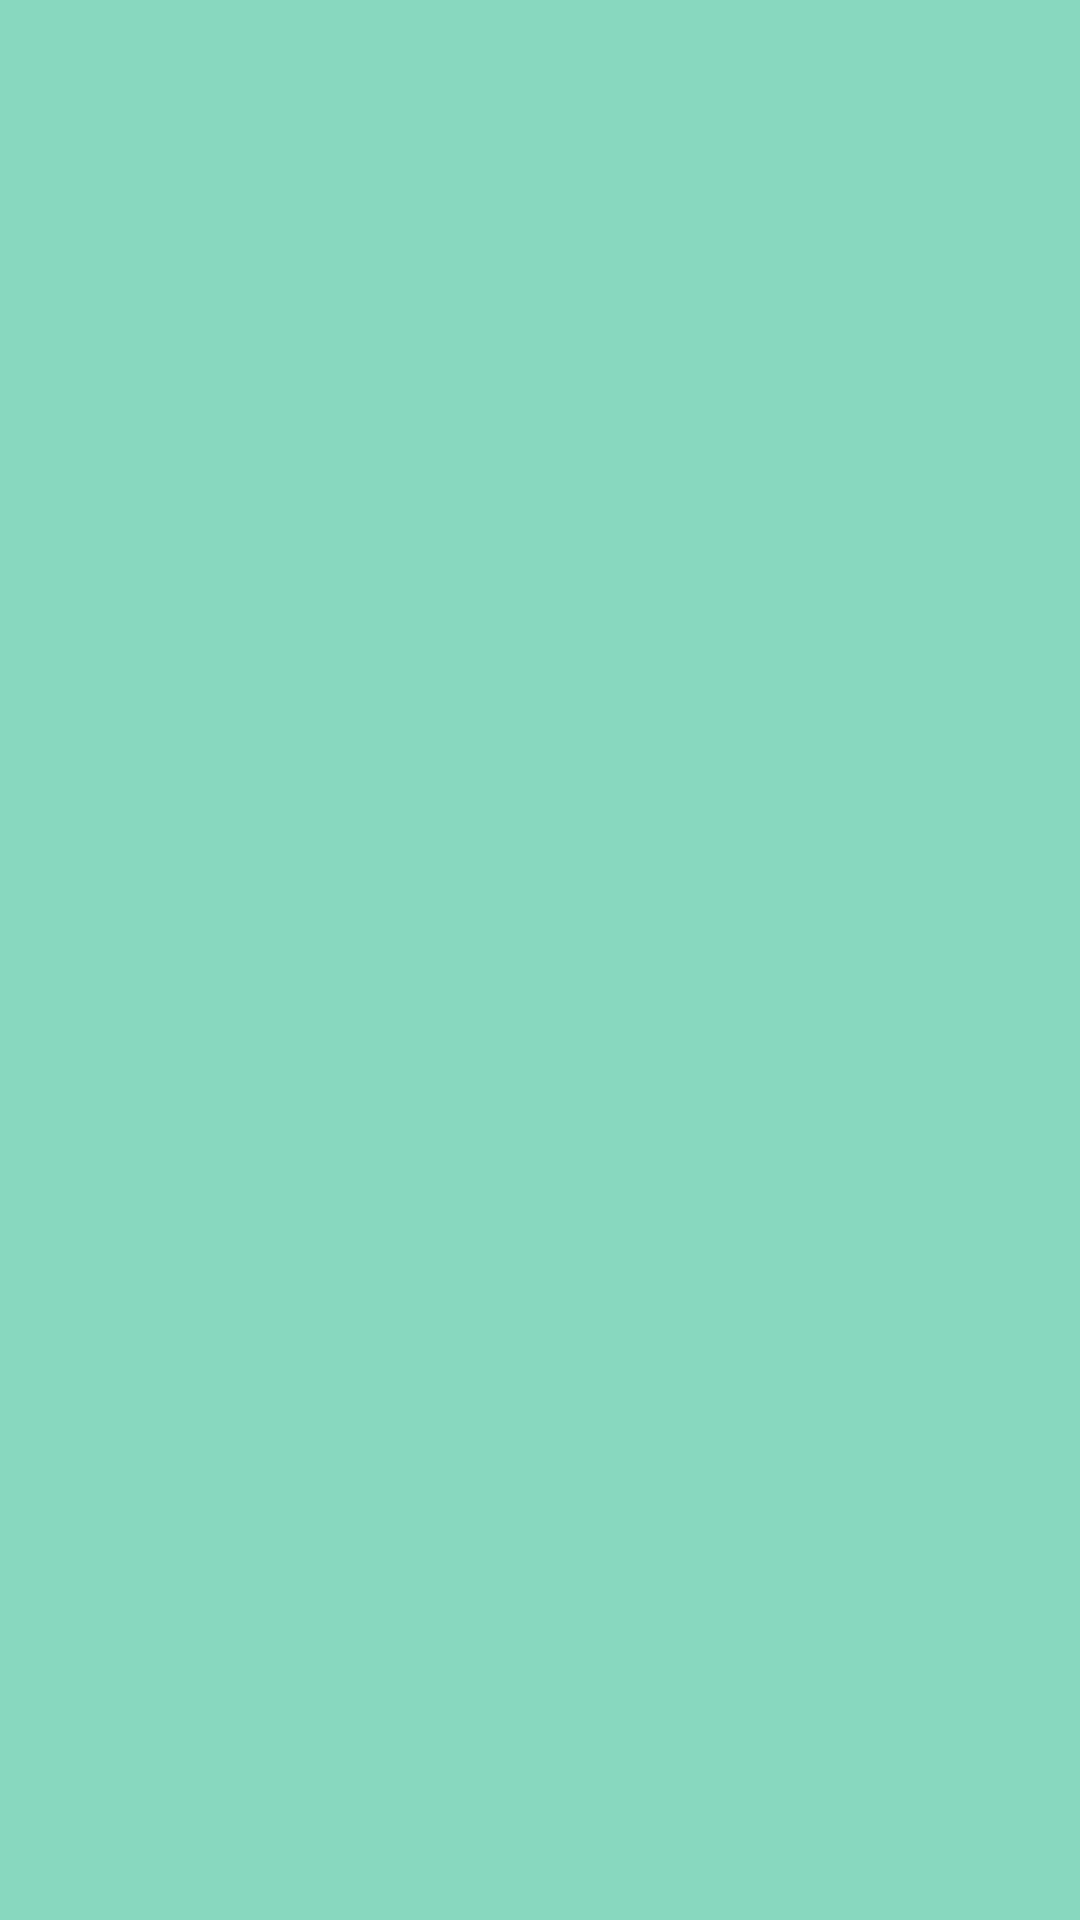 1080x1920 Pearl Aqua Solid Color Background